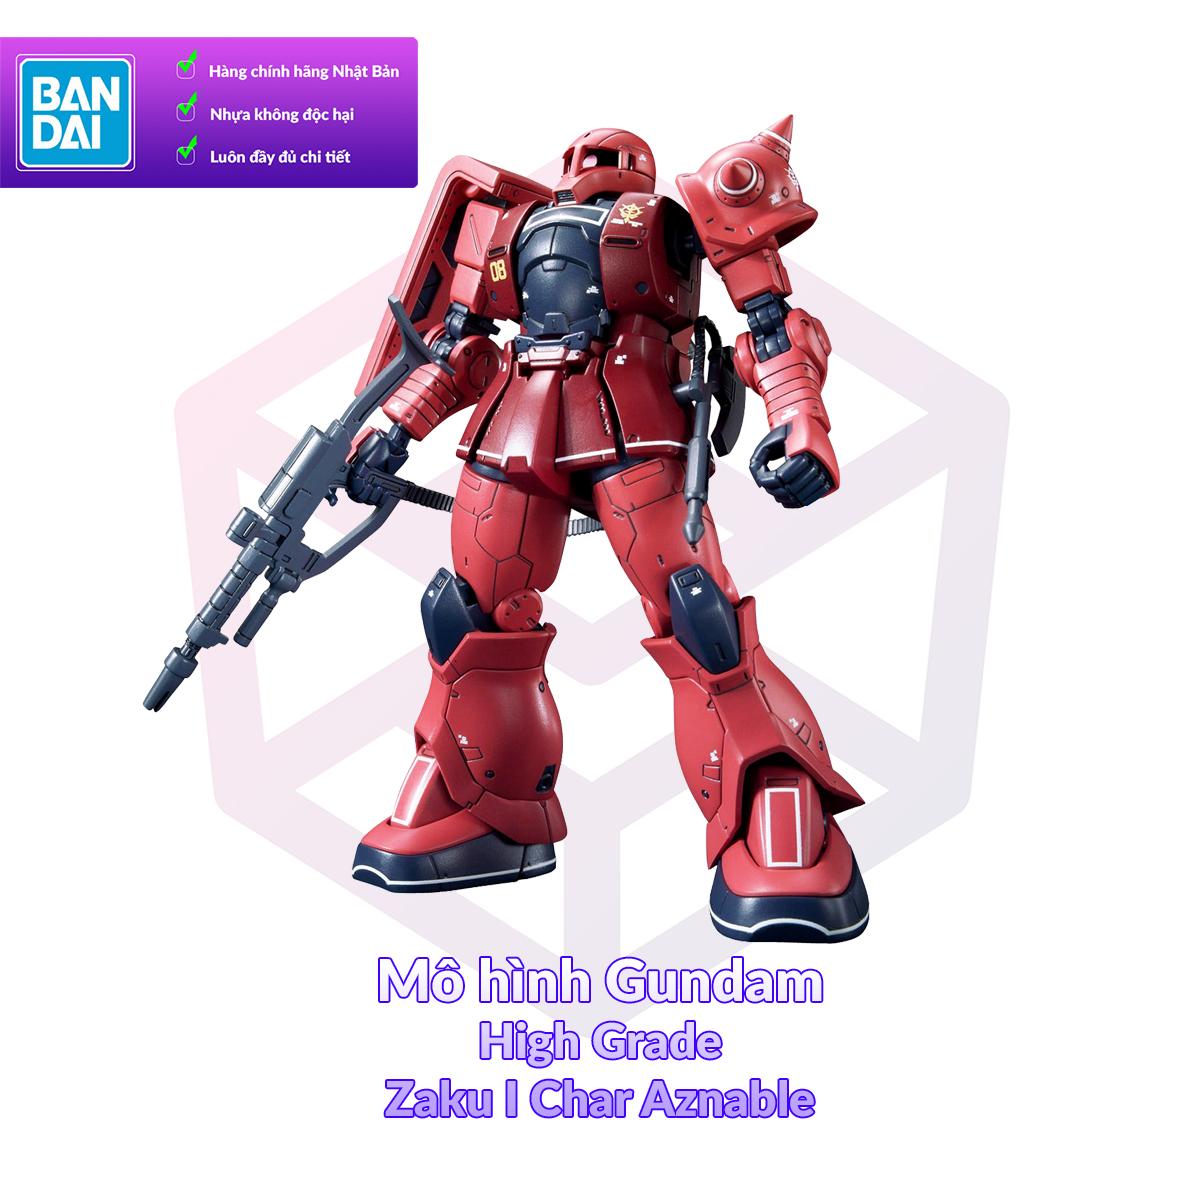 Mô Hình Gundam Bandai HG 13 Zaku I Char Aznable 1/144 GTO [GDB] [BHG]